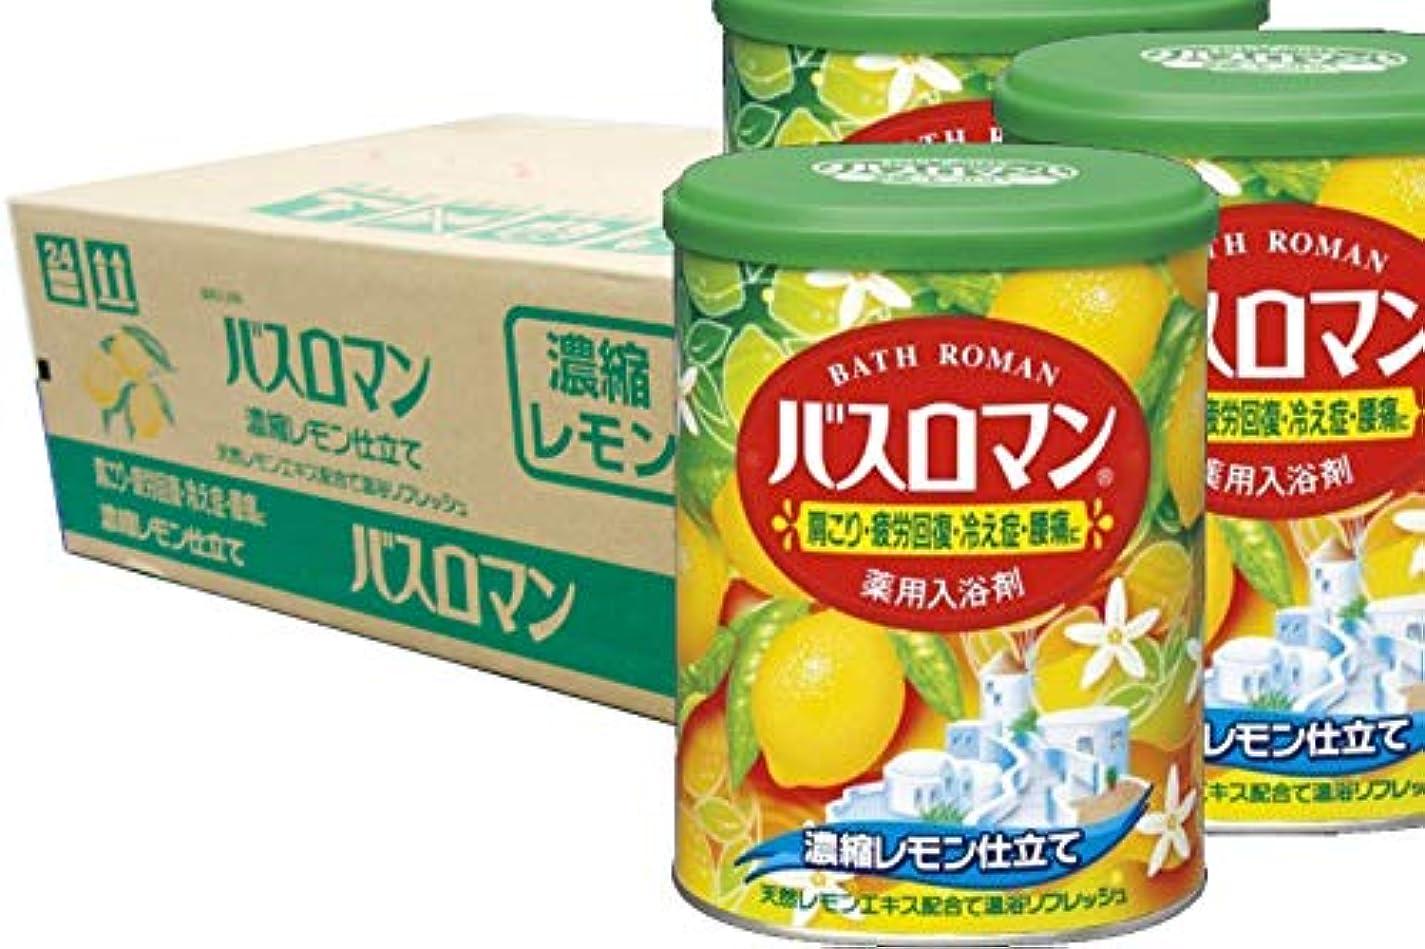 主張する簡略化する掃くアース製薬 バスロマン 濃縮レモン仕立て 850g(入浴剤)×12点セット (4901080532015)